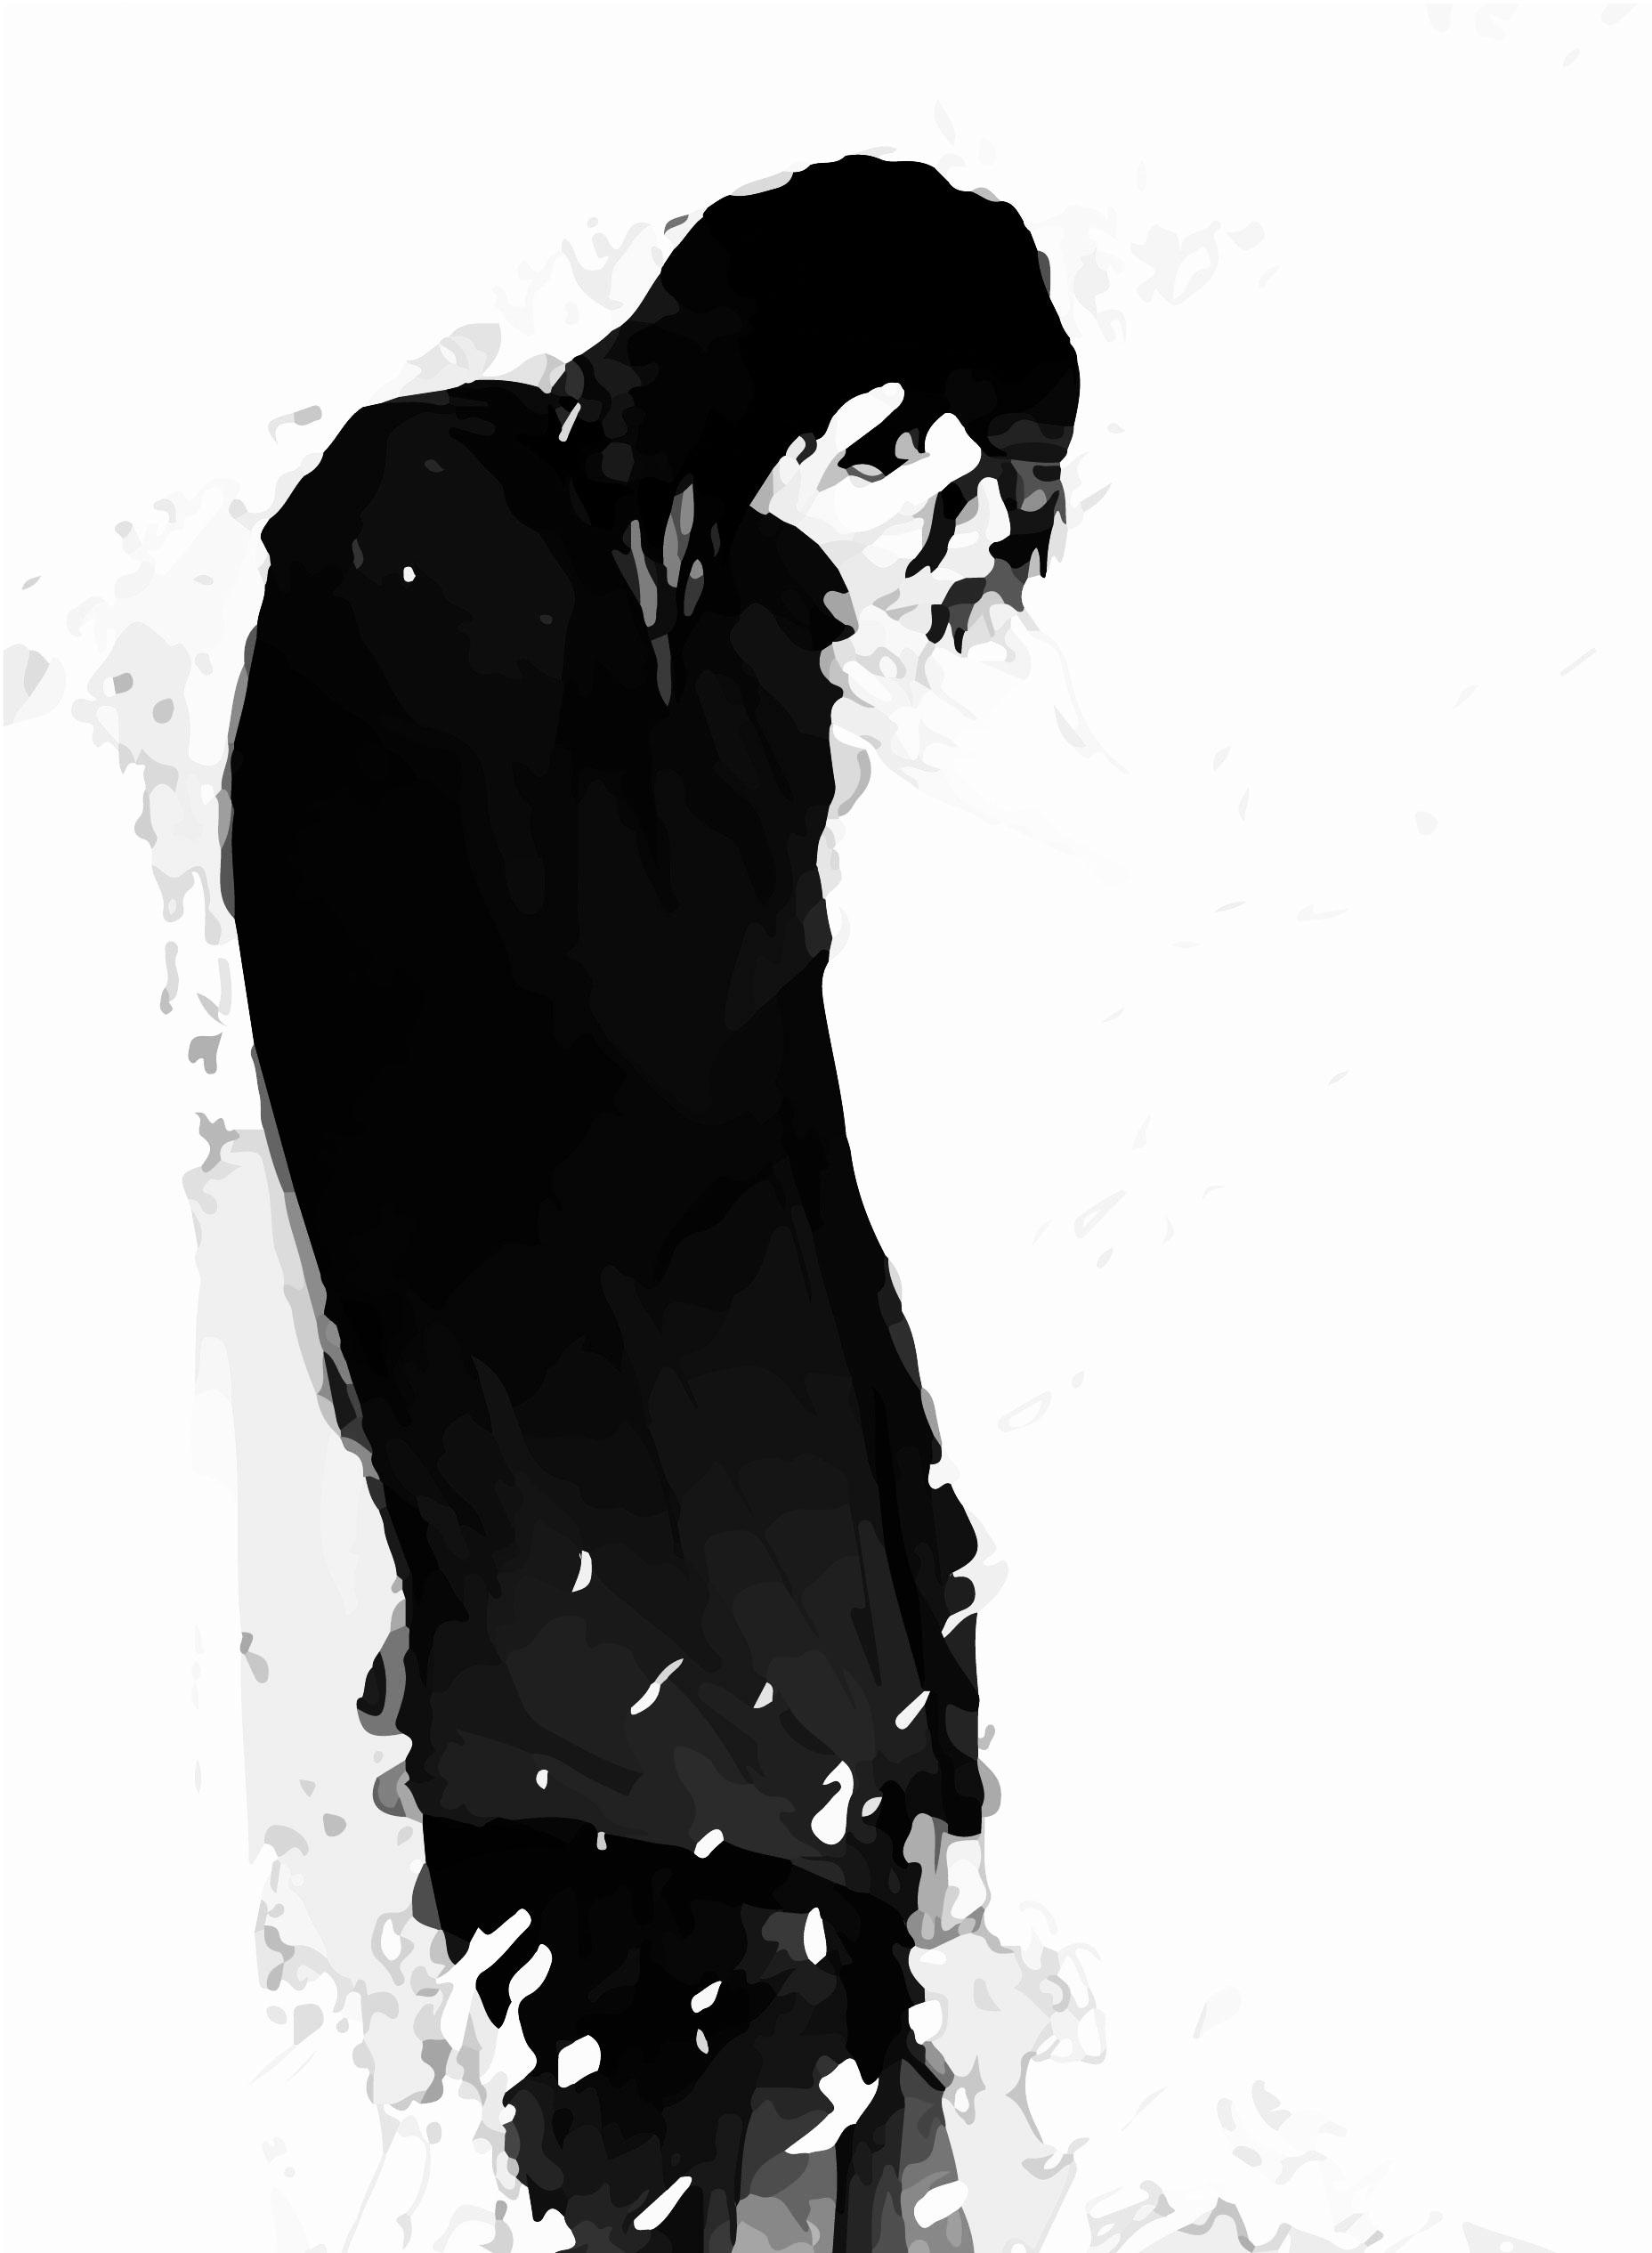 1856x2531 Sad Anime Boy Crying Drawing Anime Collection